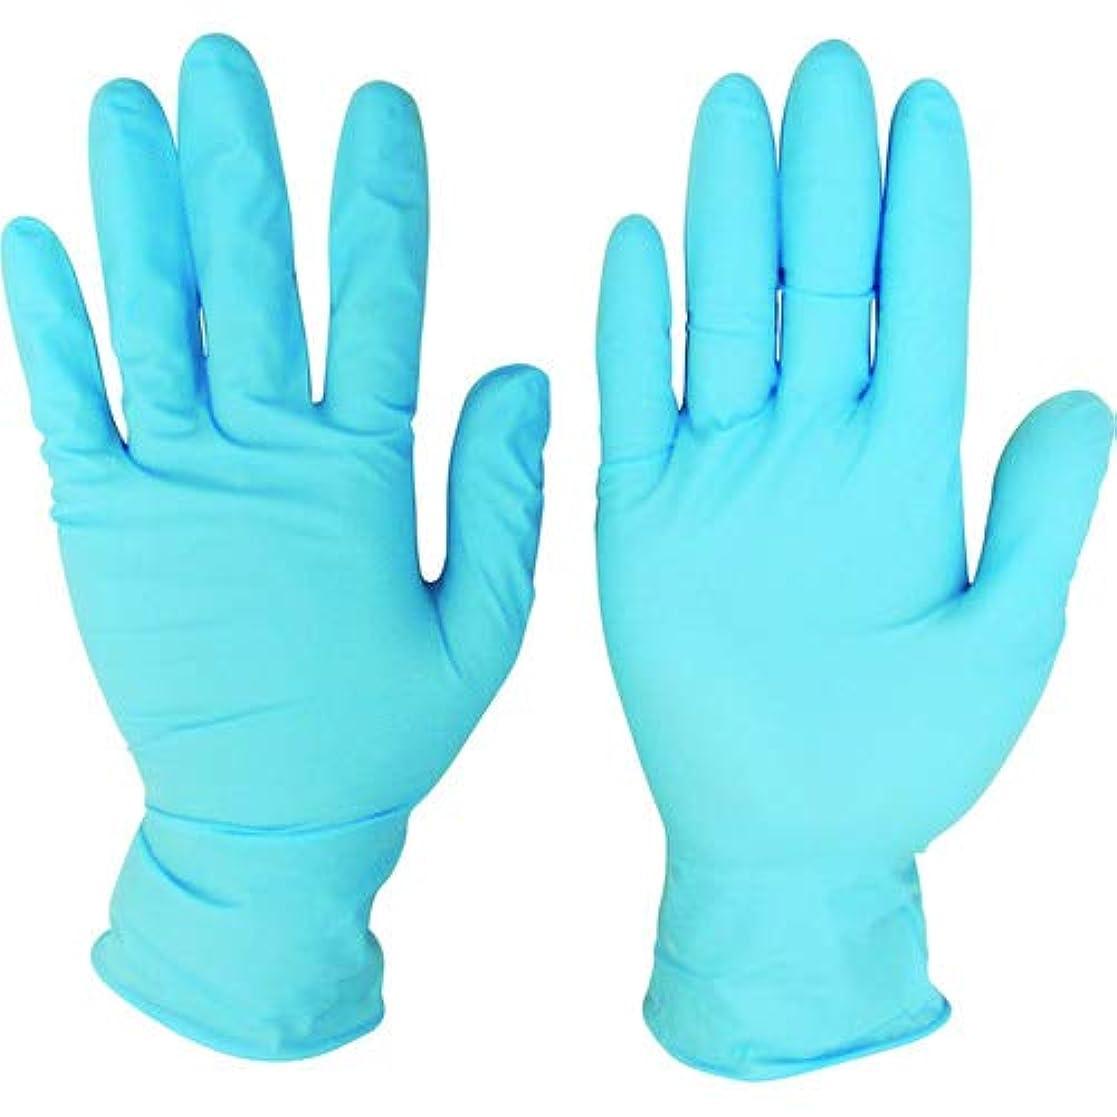 第九論理的にメタリックニトリルディスポ手袋 青 No.210 パウダーフリー(100枚入)S